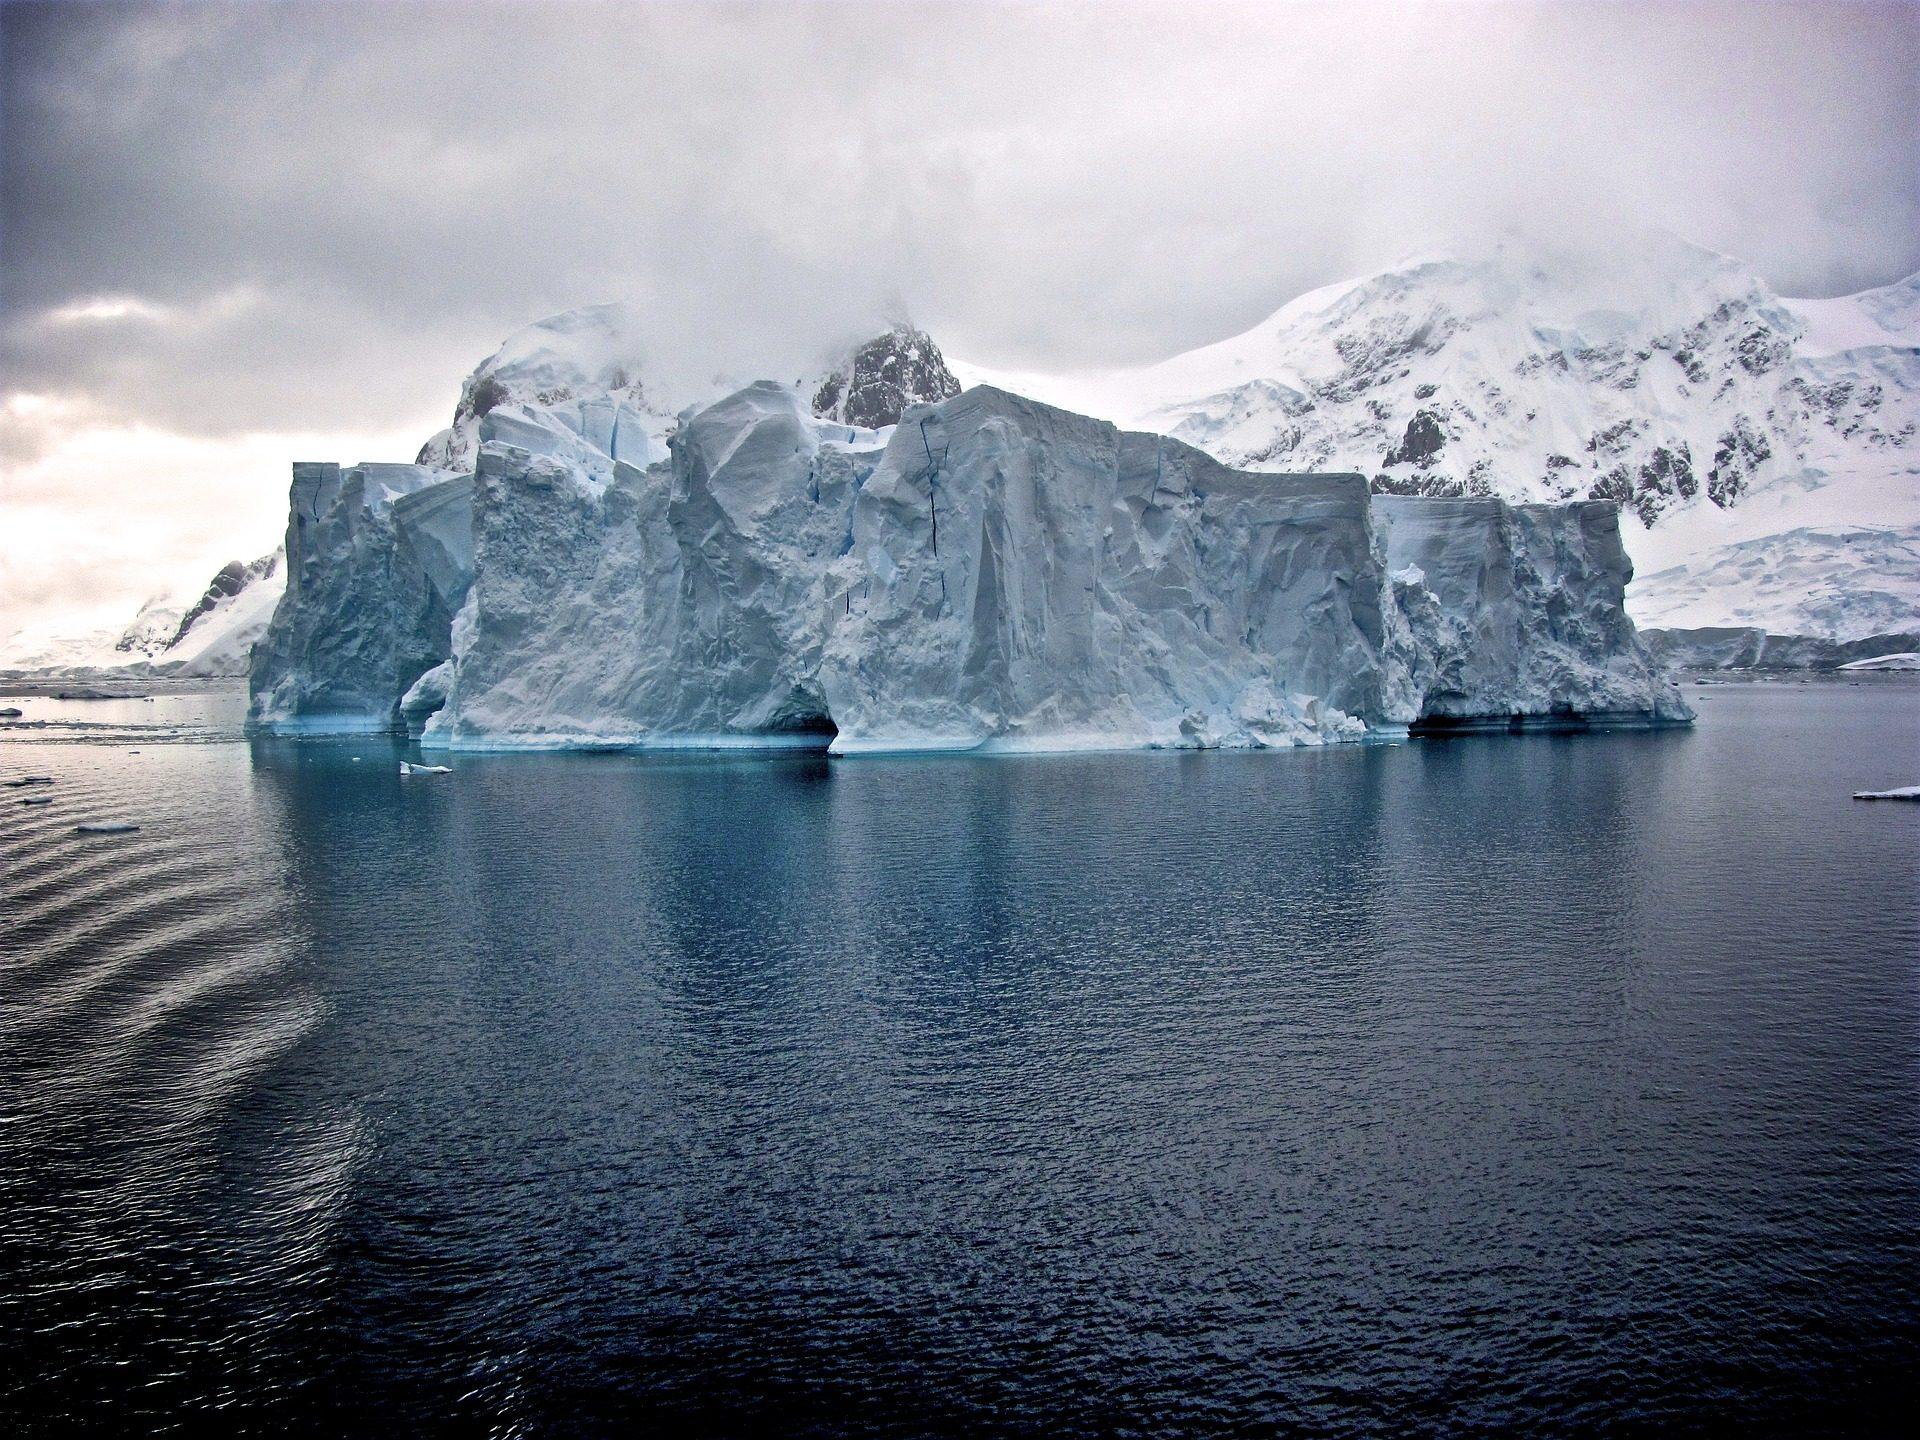 جبل جليدي, الثلج, الجليد, القطب الشمالي, الباردة, أعمدة - خلفيات عالية الدقة - أستاذ falken.com